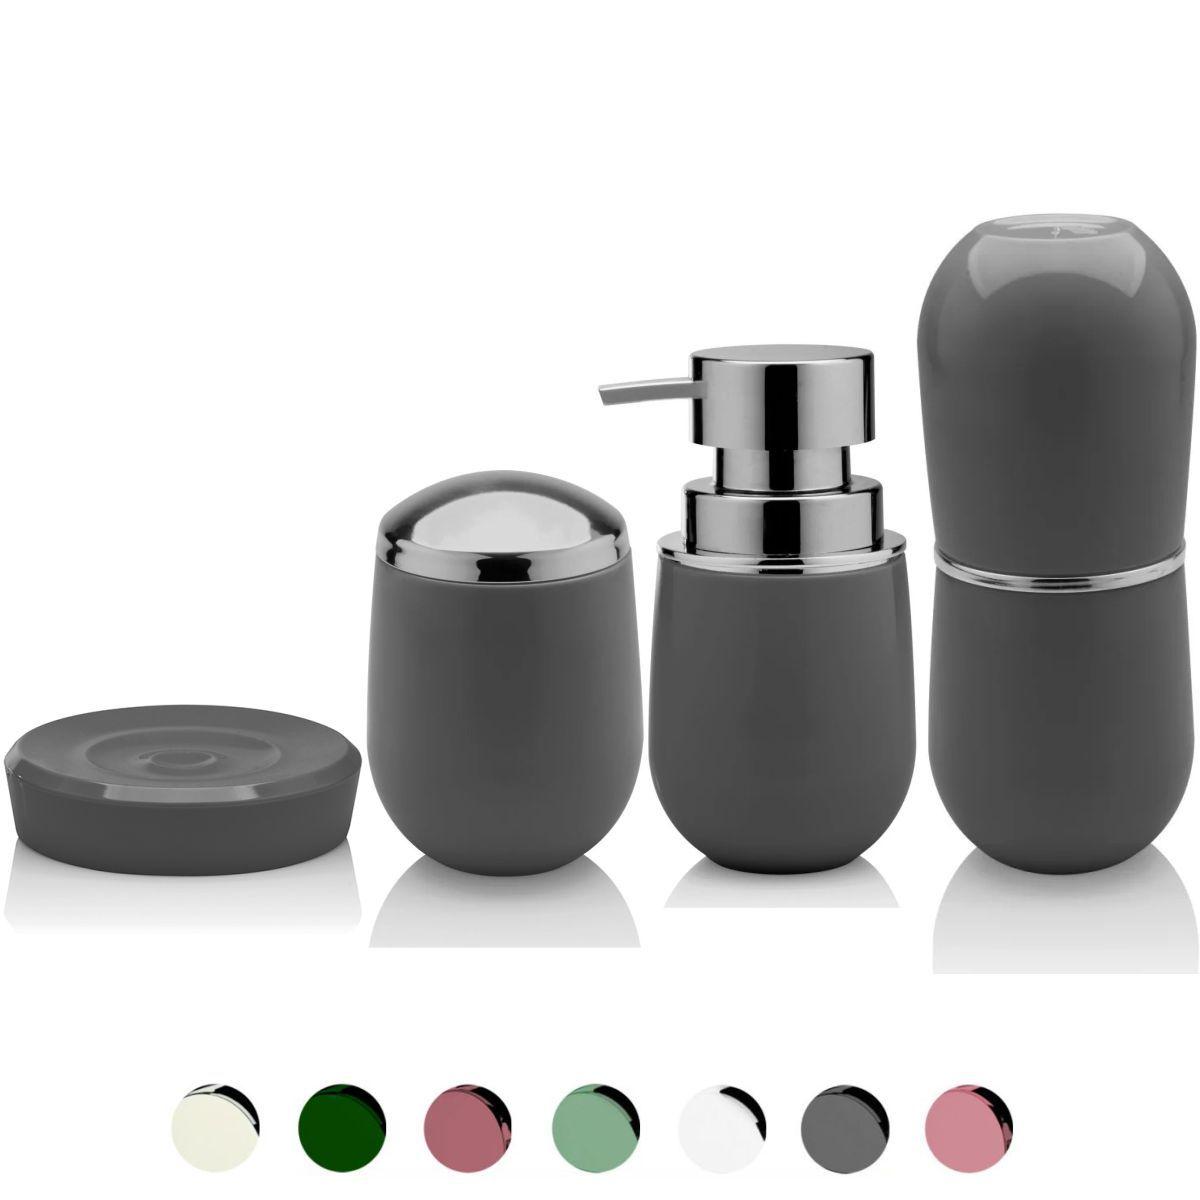 Kit Completo Conjunto Sobre Pia Banheiro 4 Peças